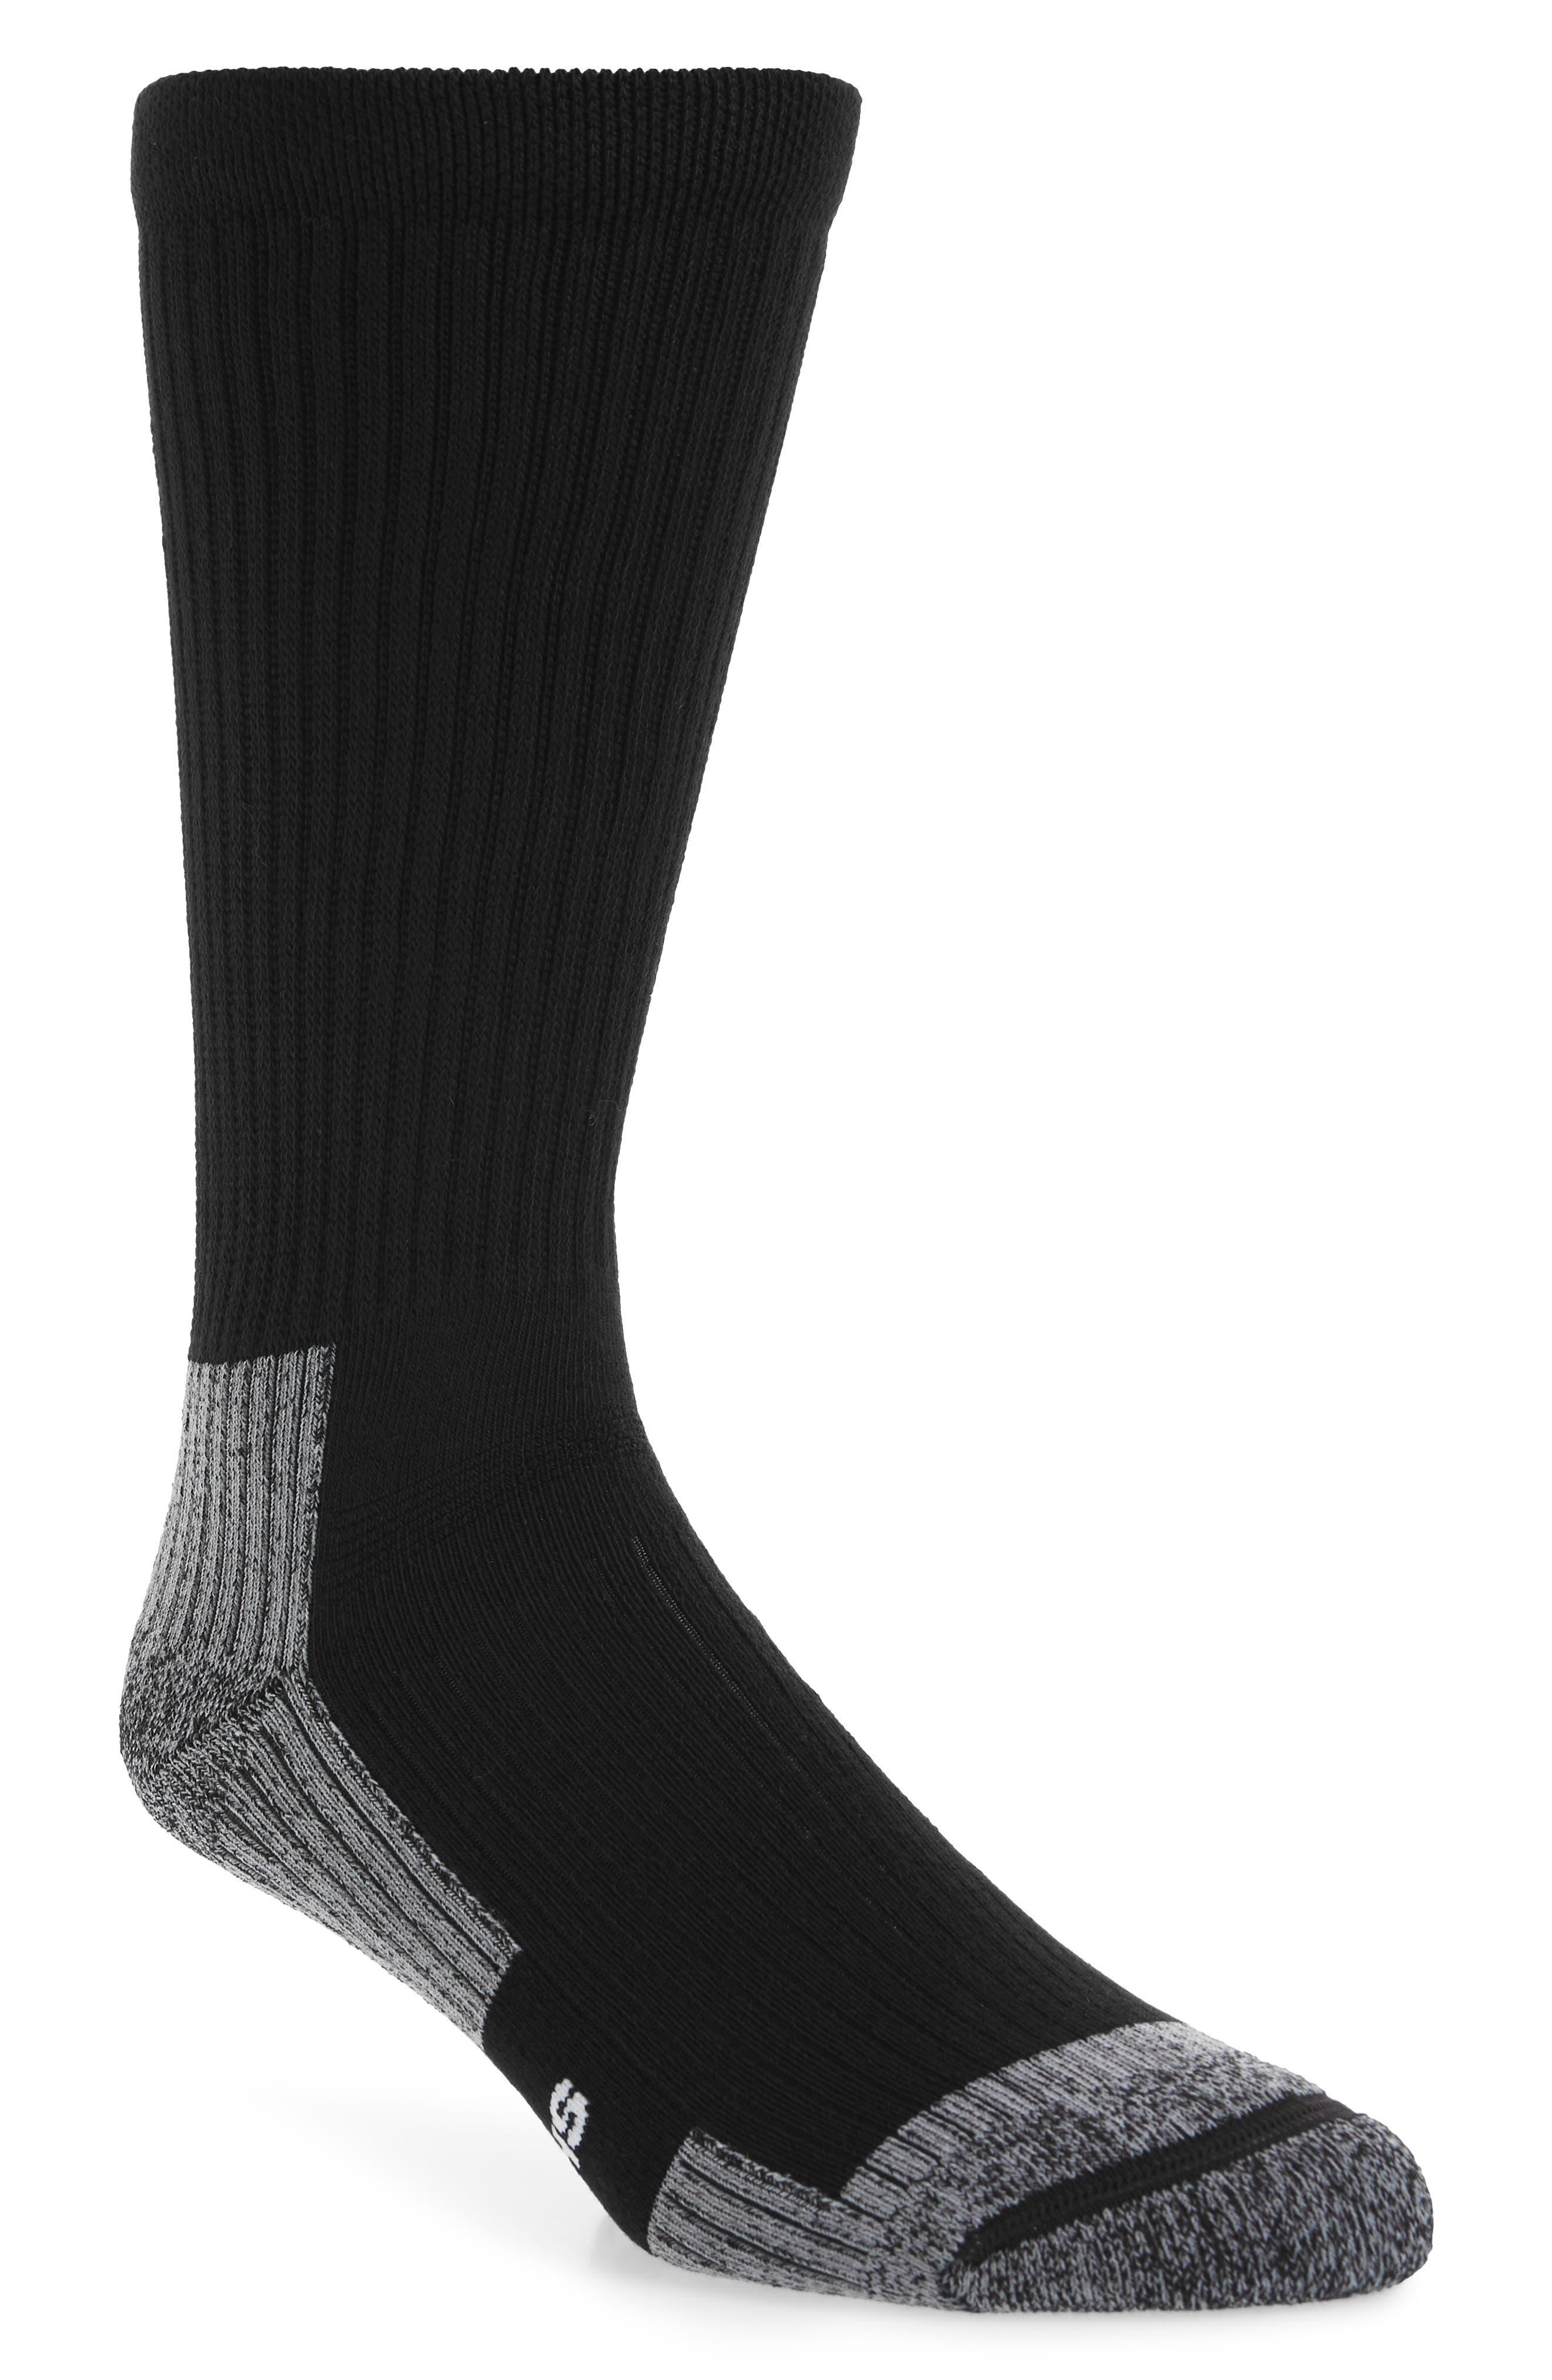 Rick Owens Socks Calzini in Maglia Hiking Socks